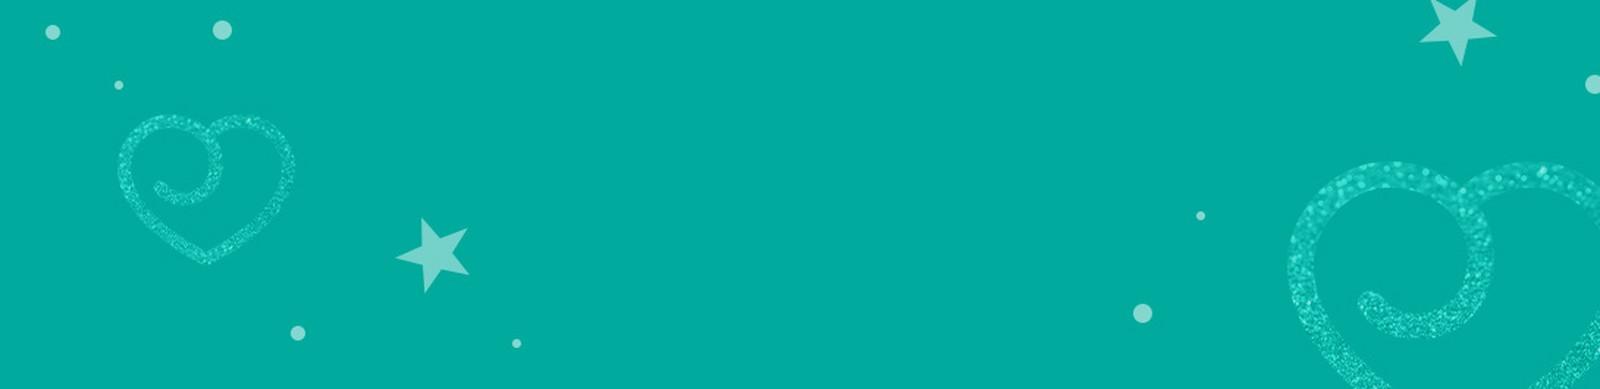 Best-Sellers-banner-bg-Desktop-Green